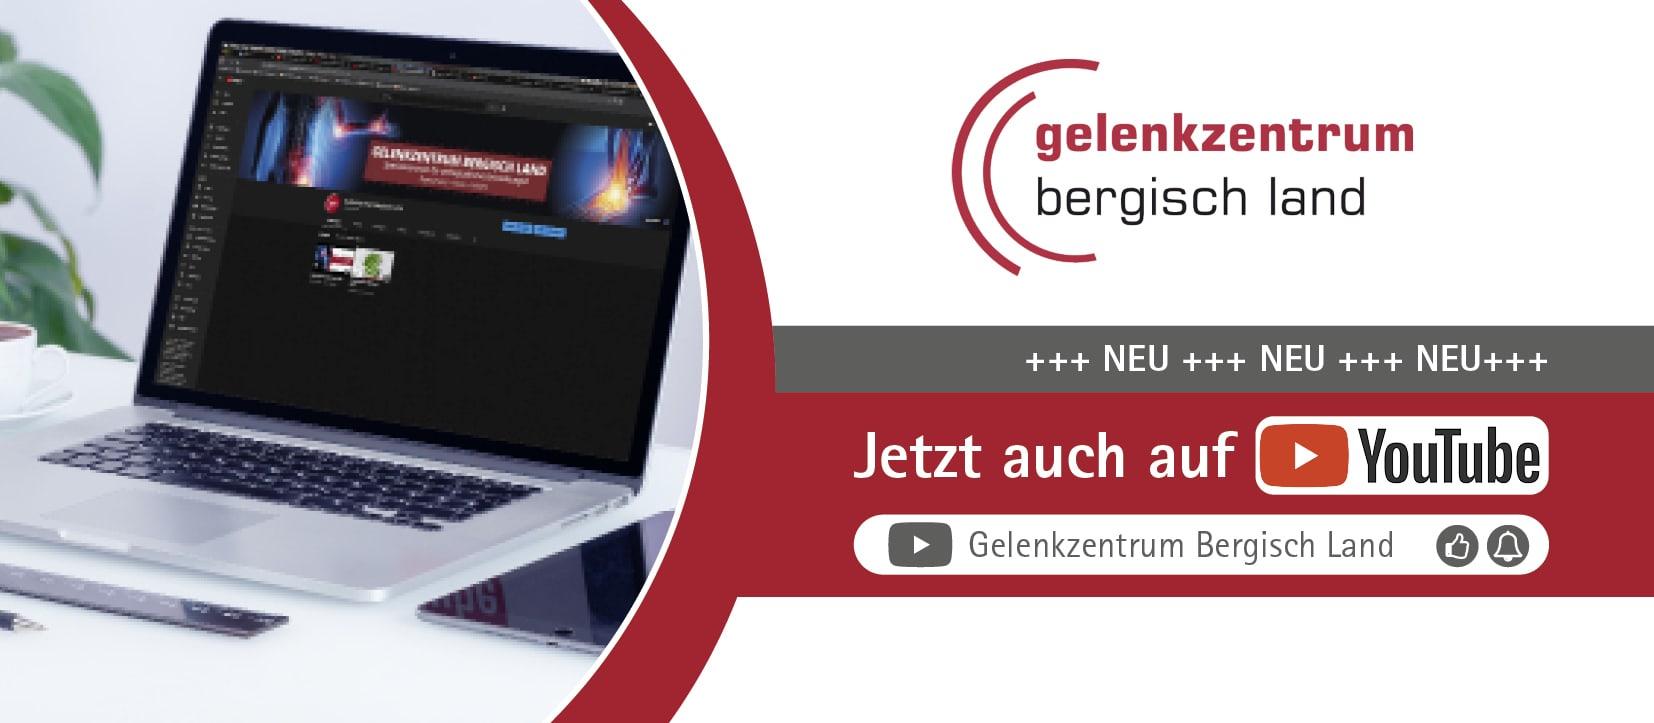 Gelenkzentrum Bergisch Land - youtube